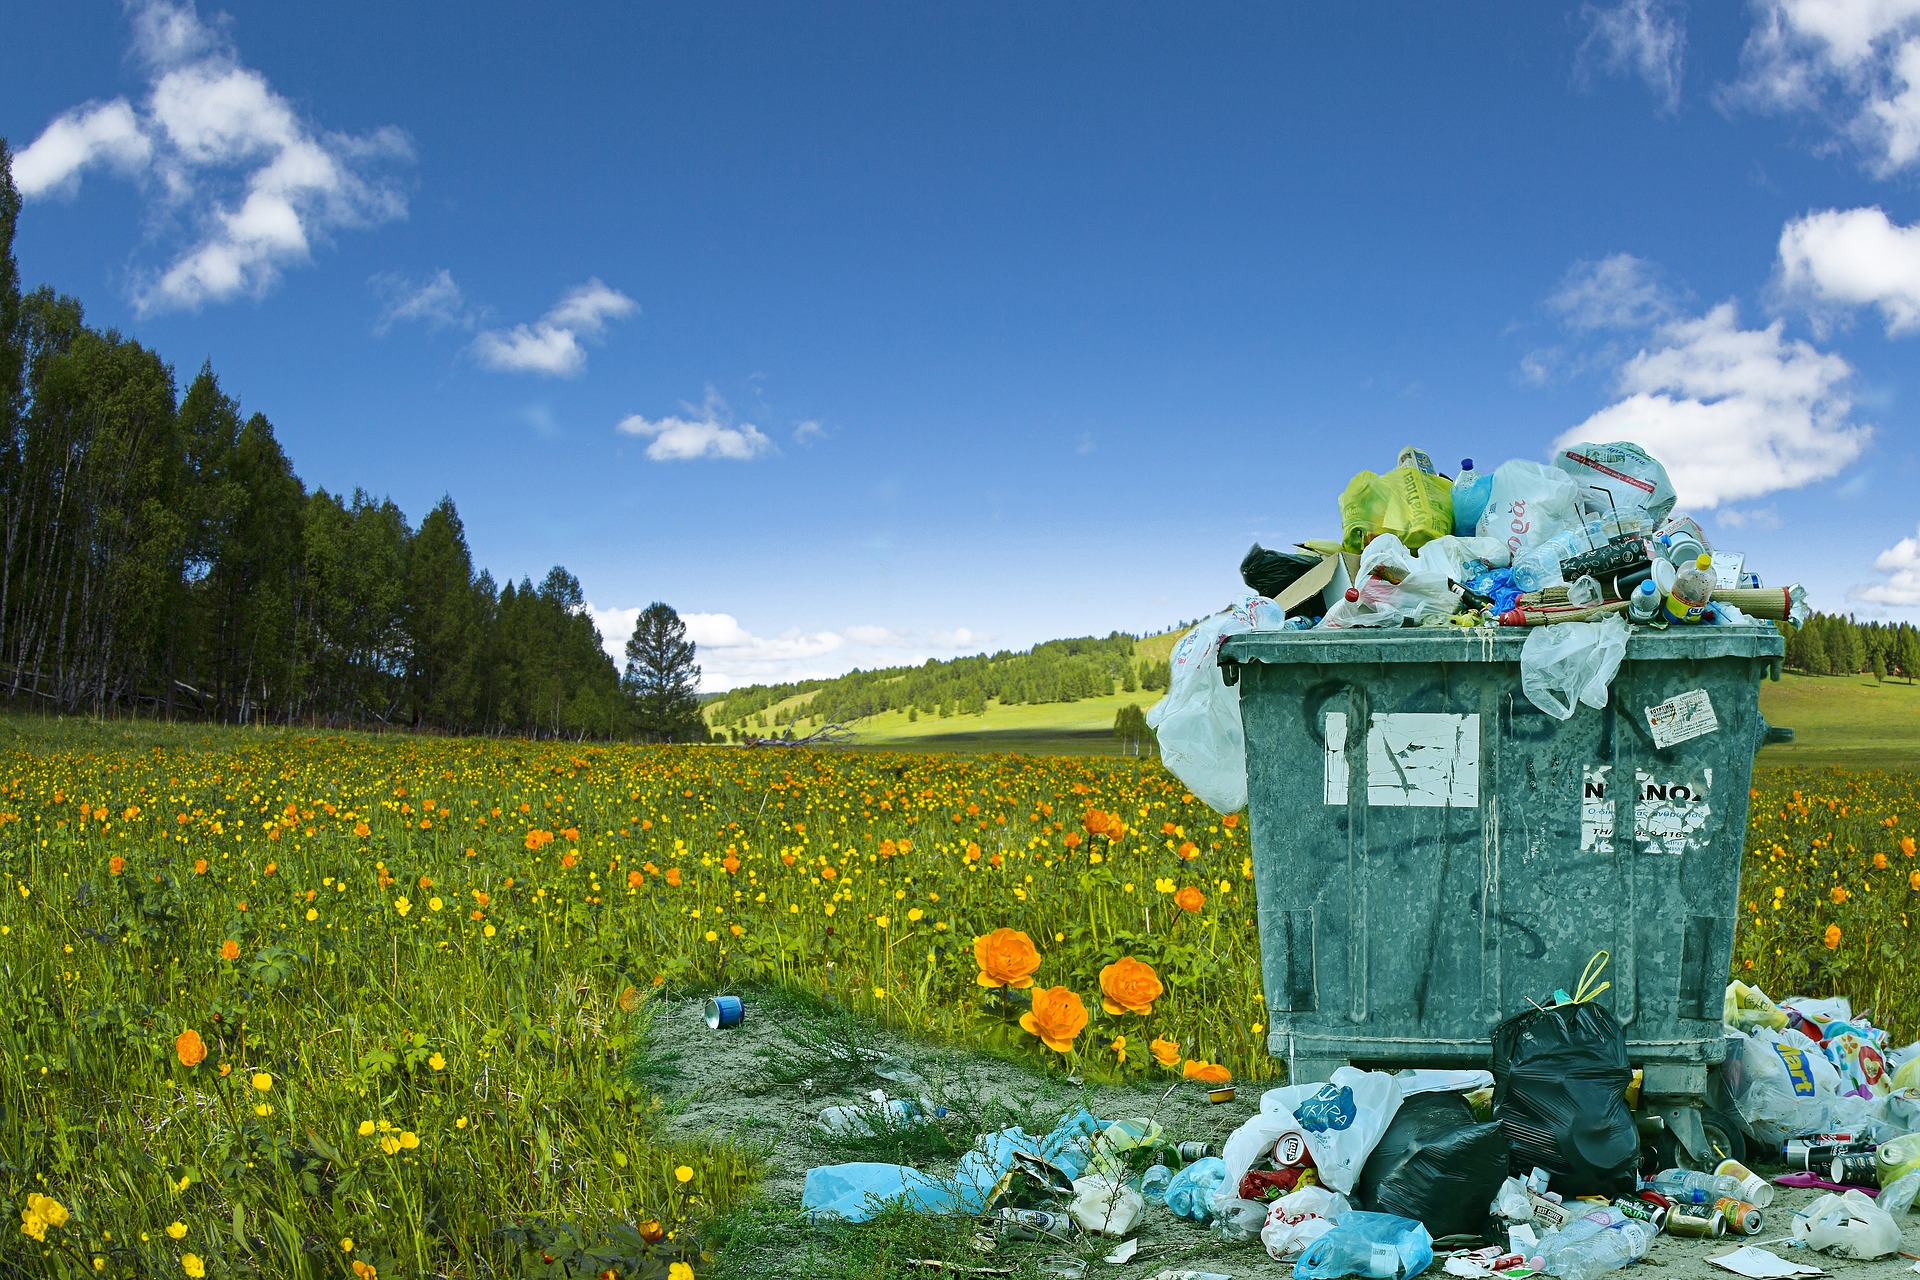 Decreto rifiuti: che cosa cambia